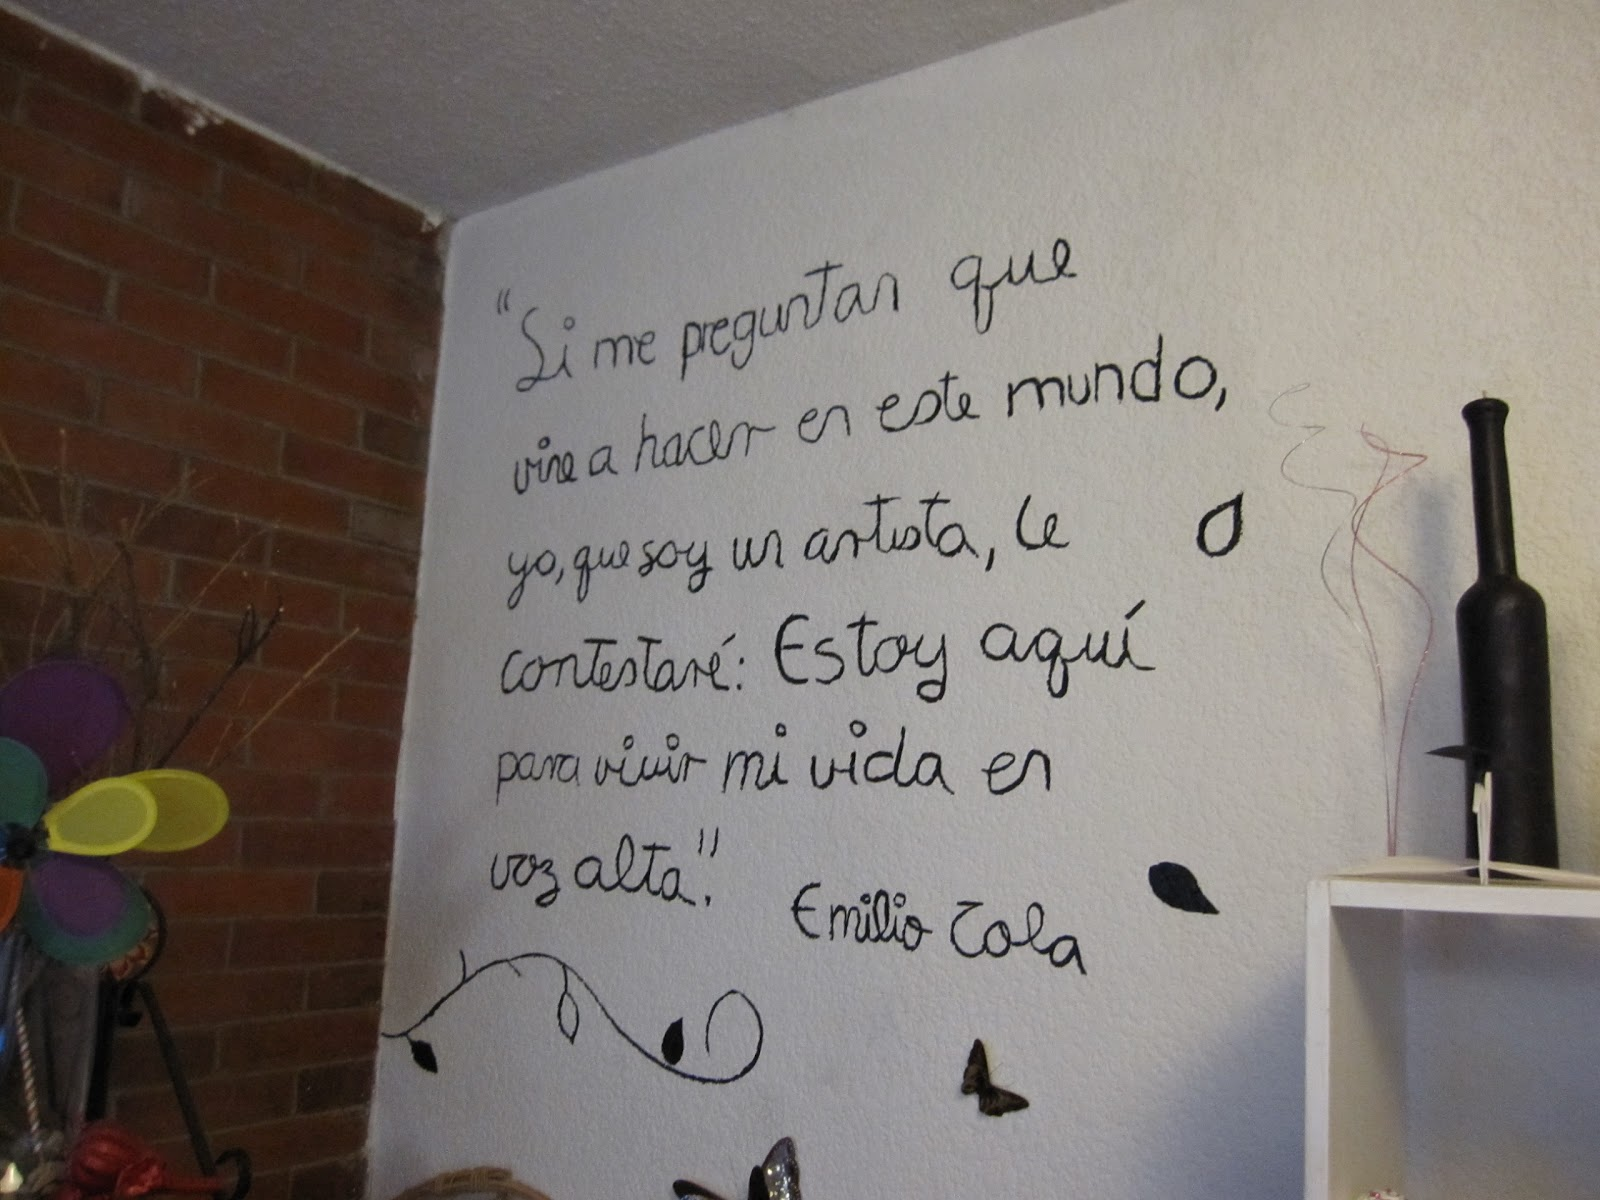 Letra de en la pared hd 1080p 4k foto - Letras para pared ...